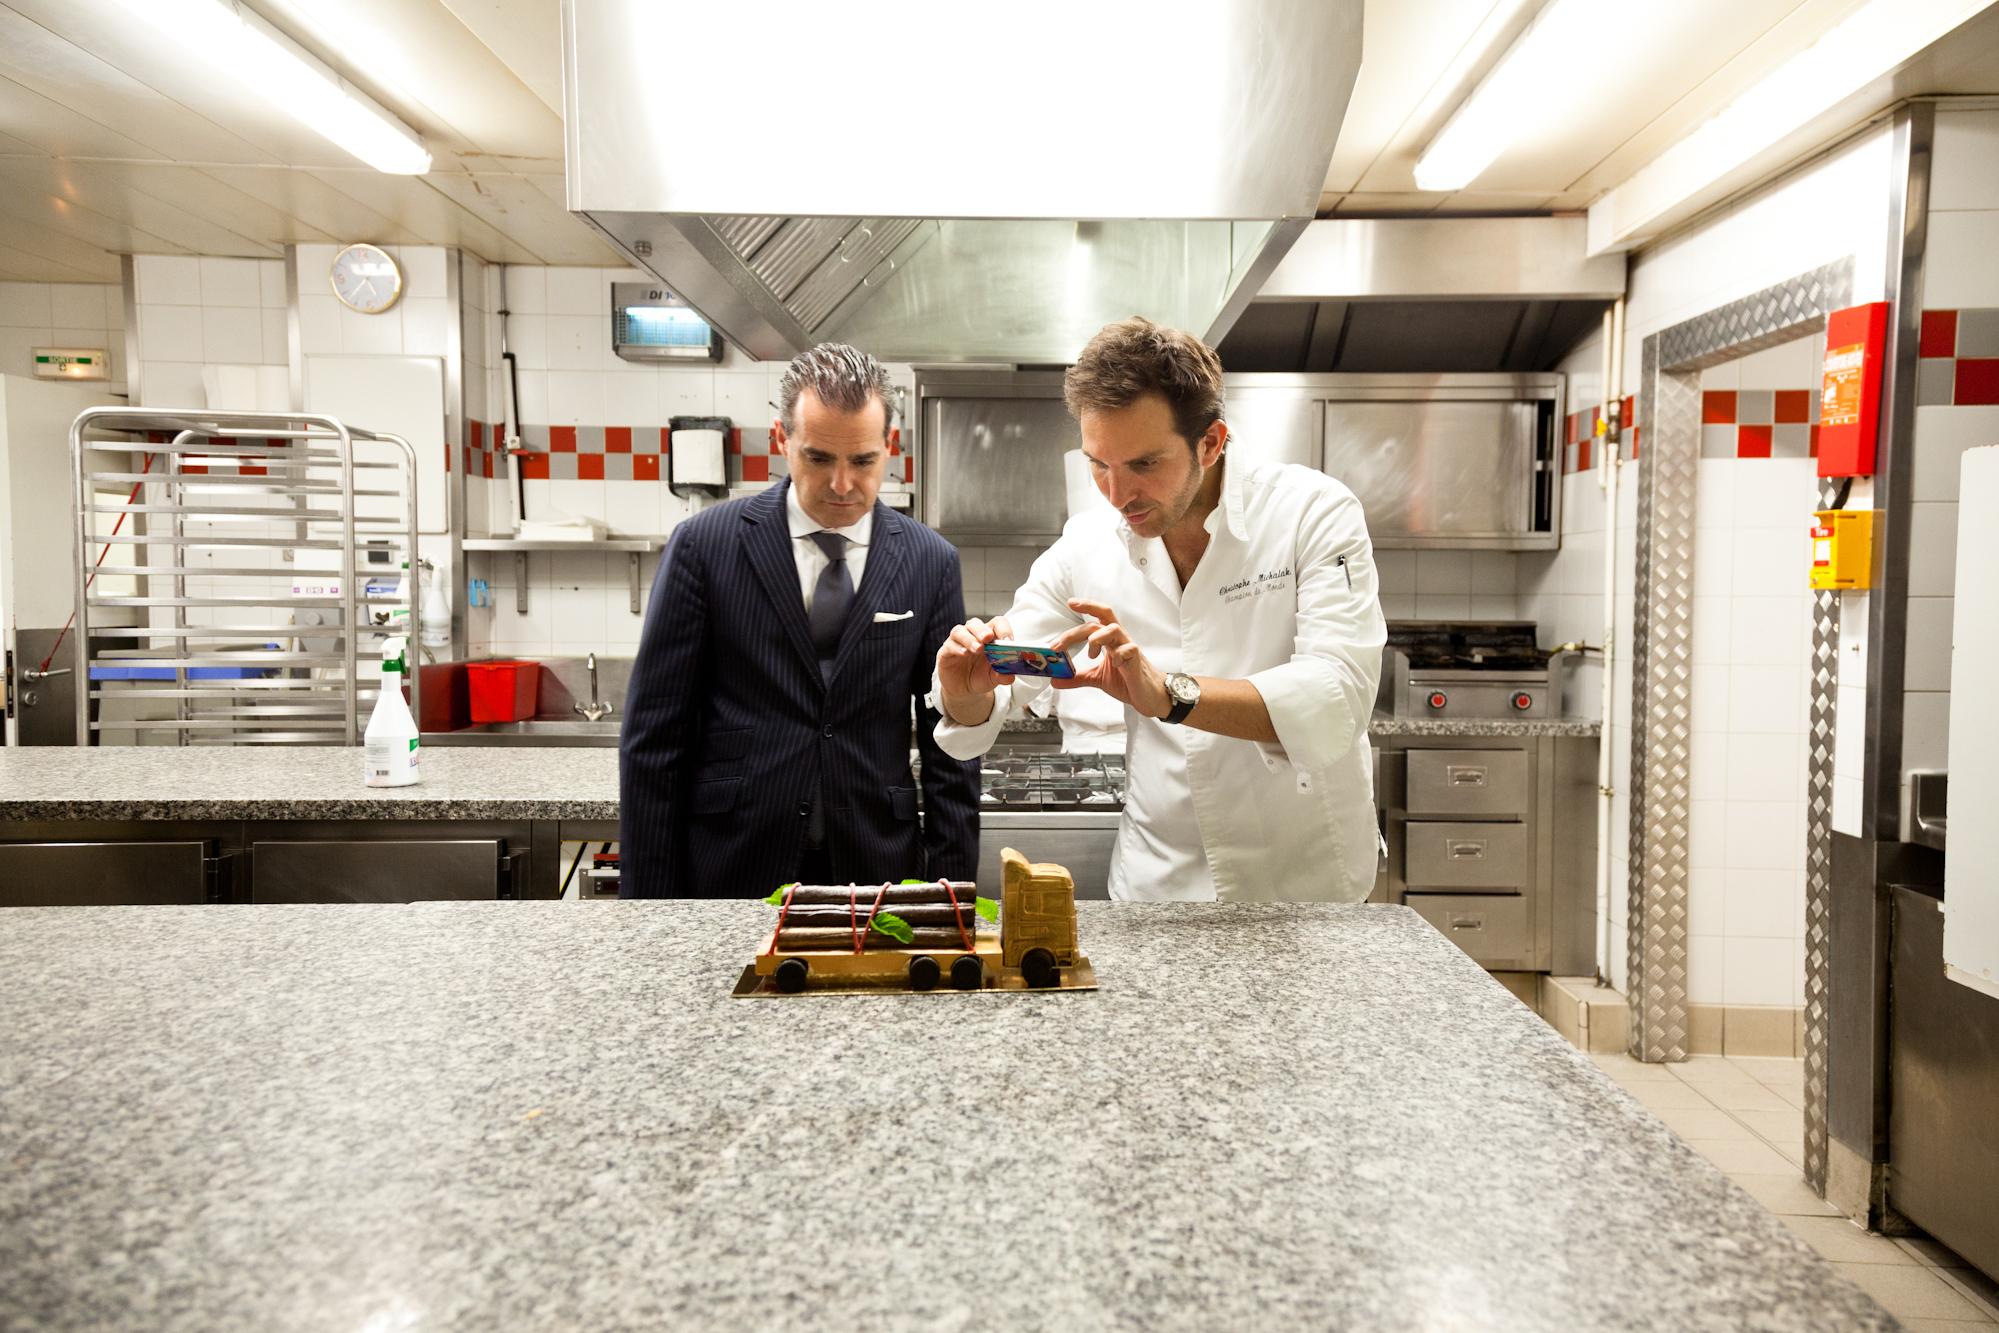 Christophe Michalak présente sa proposition de bûche de Noël à Pascal Billard, directeur adjoint de l'hôtel. © T. Caron